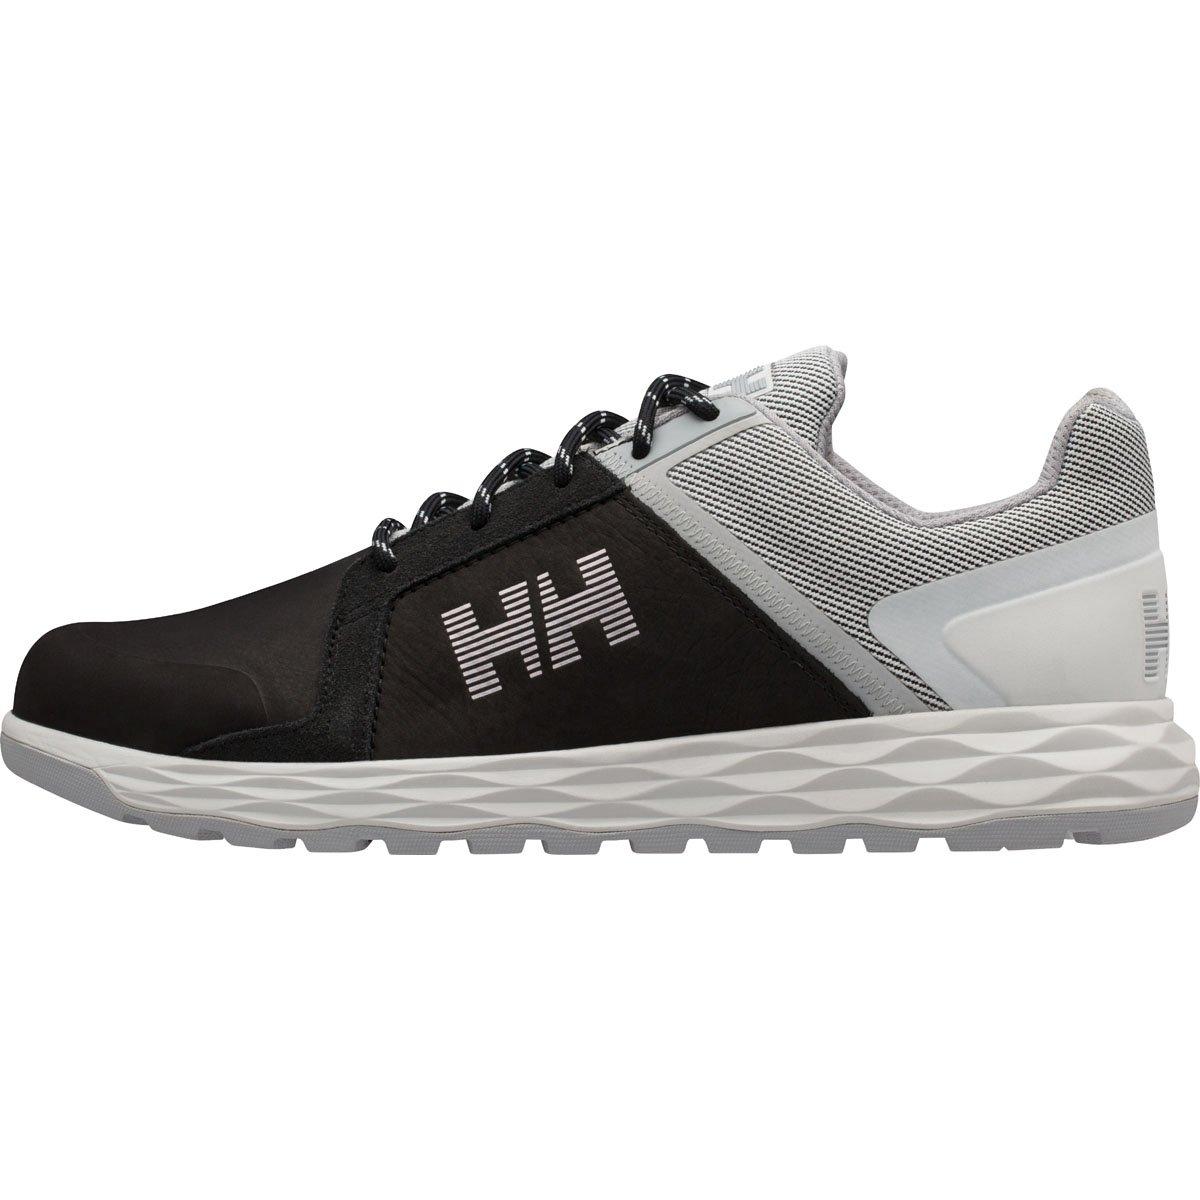 Helly Trekking-& Hansen Herren Gambier Lc Ht Trekking-& Helly Wanderhalbschuhe b4f738